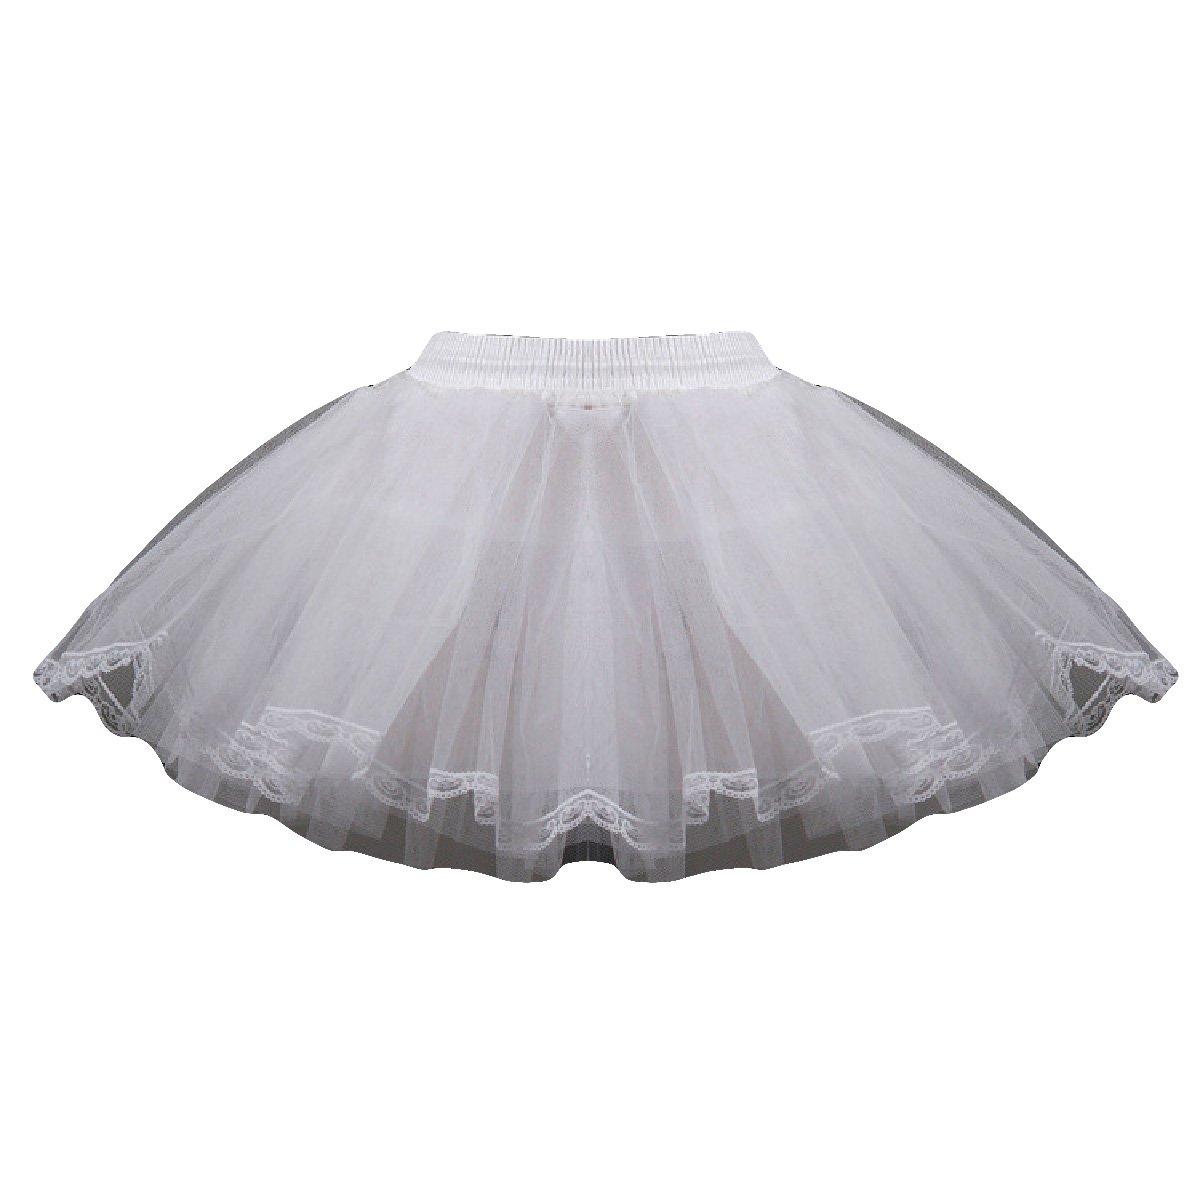 AliceHouse 3Tier Flower Girl Crinoline Tutu Skirt Petticoat Ball Underskirt MPC022